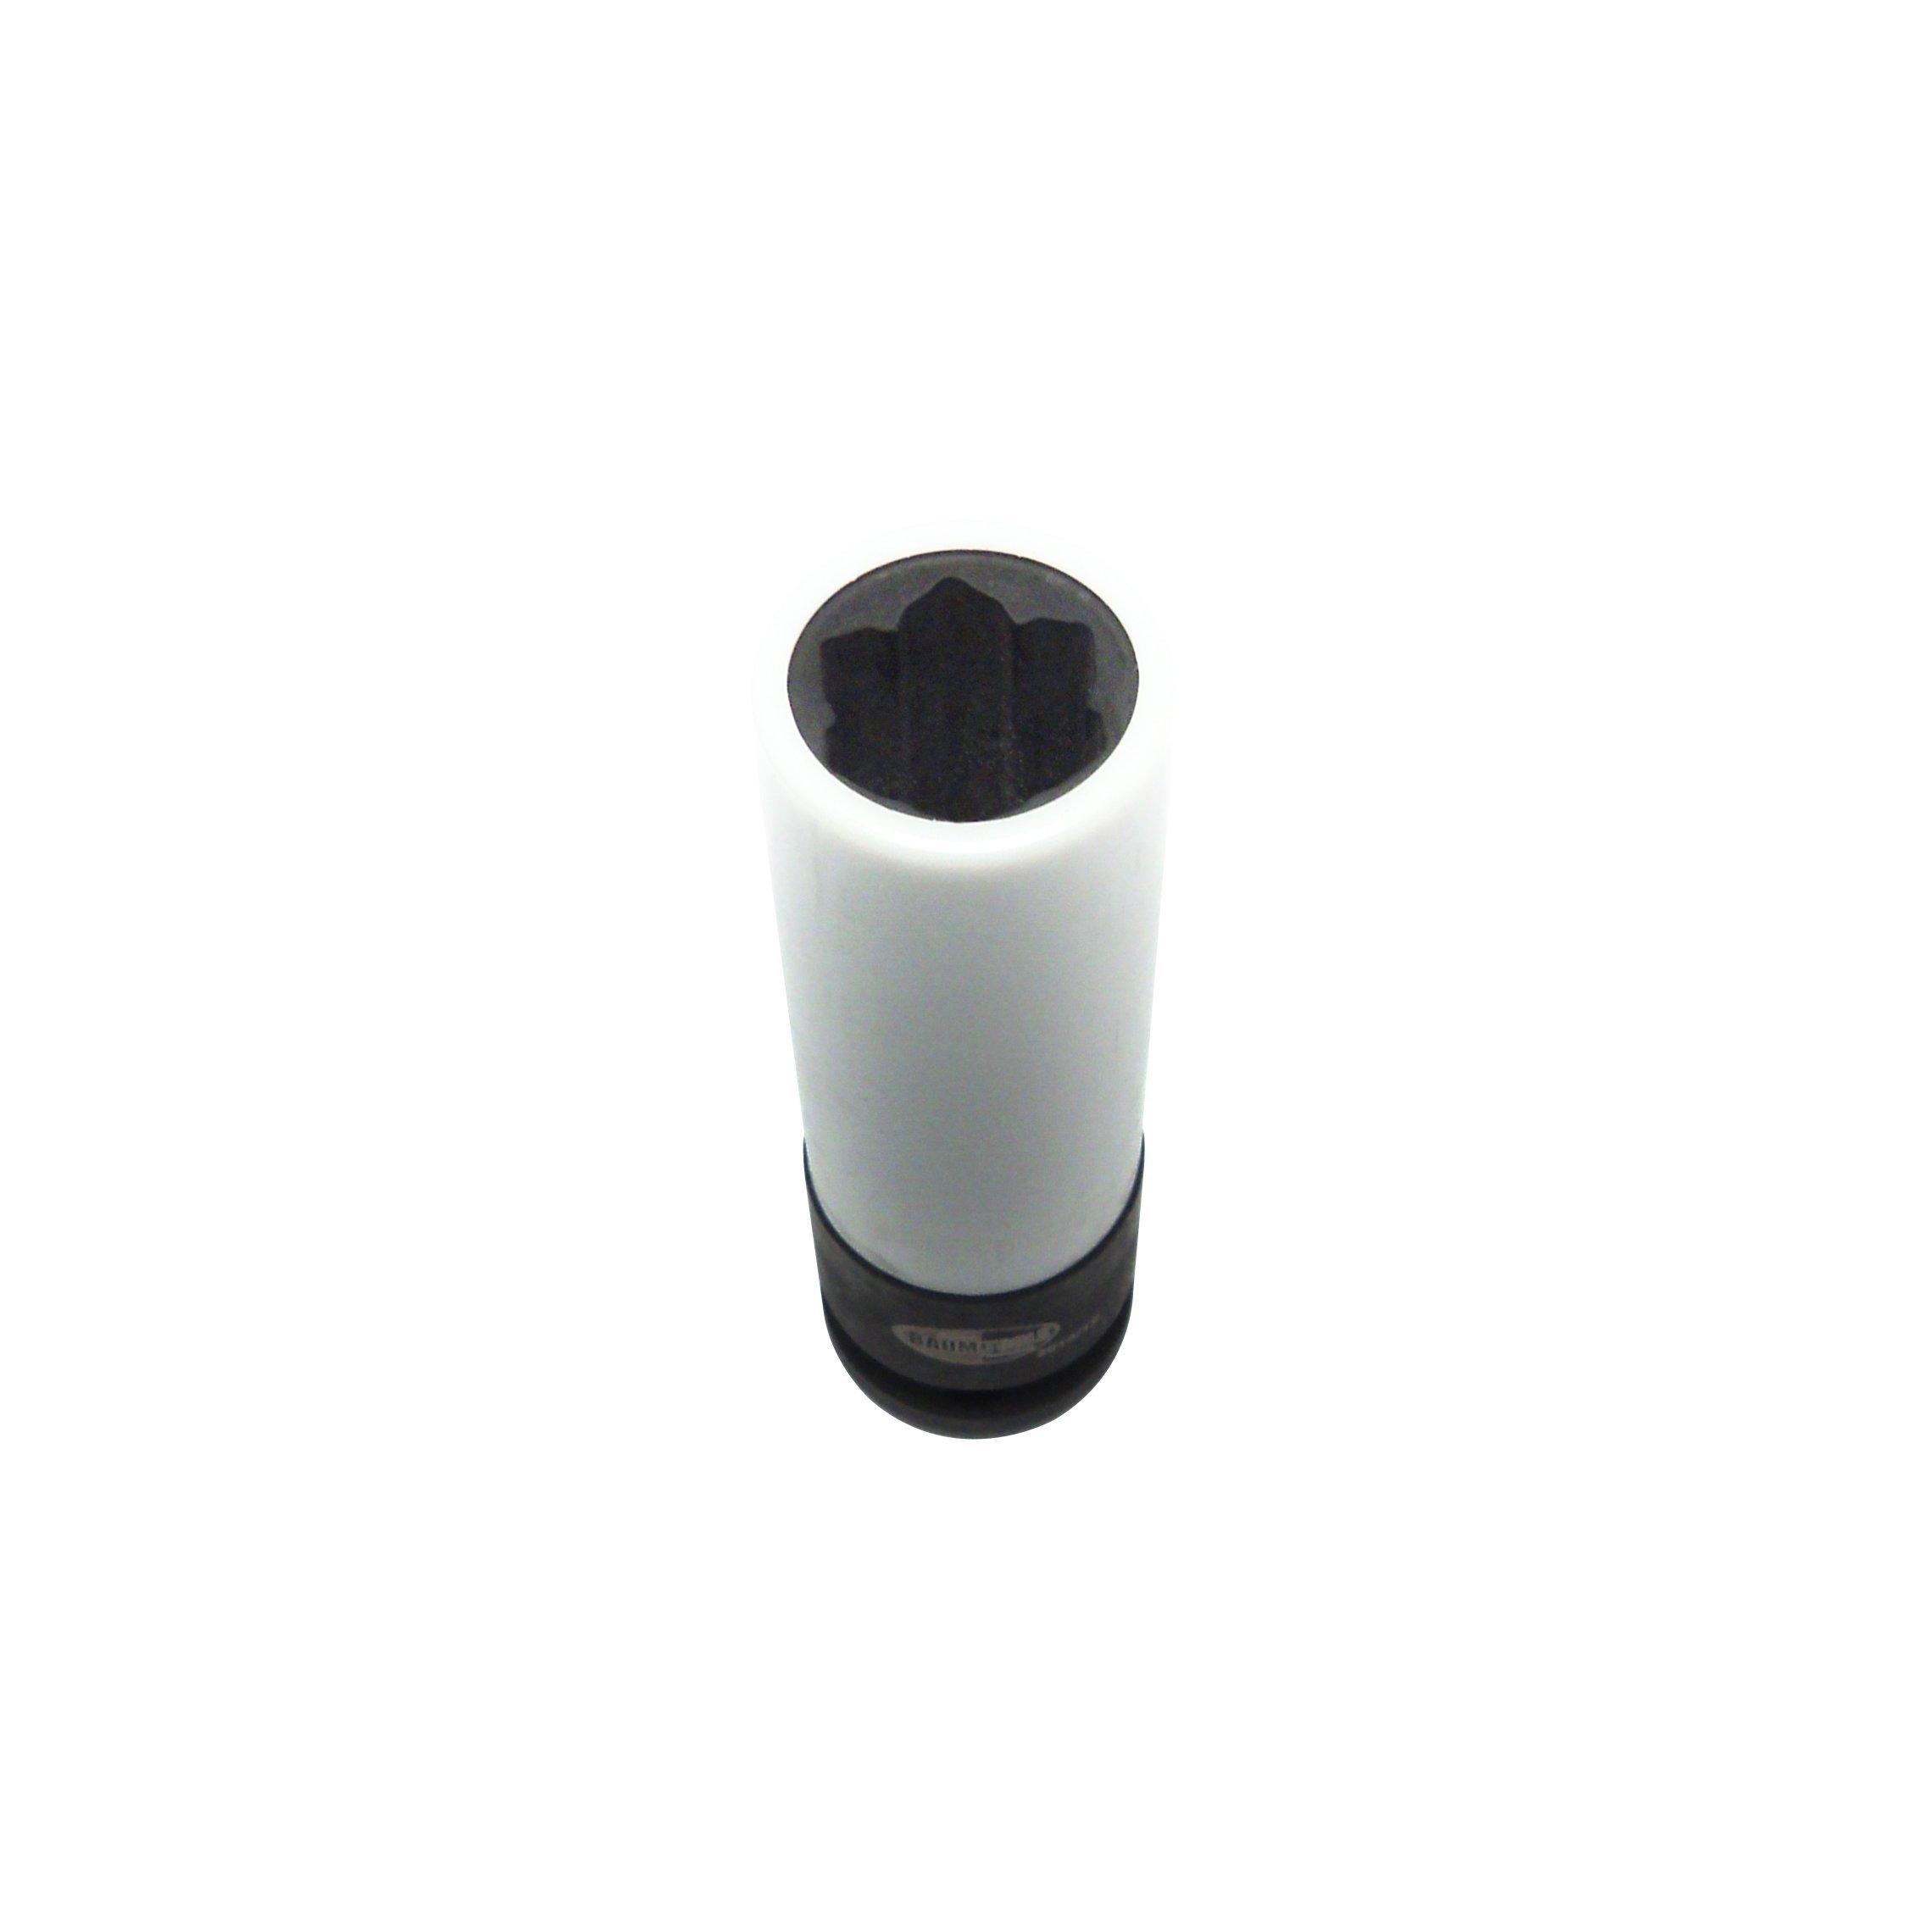 Baum Tools 000-5407PL Mercedes Benz 17mm Deep Convex Lug Bolt Socket with Plastic Sleeve